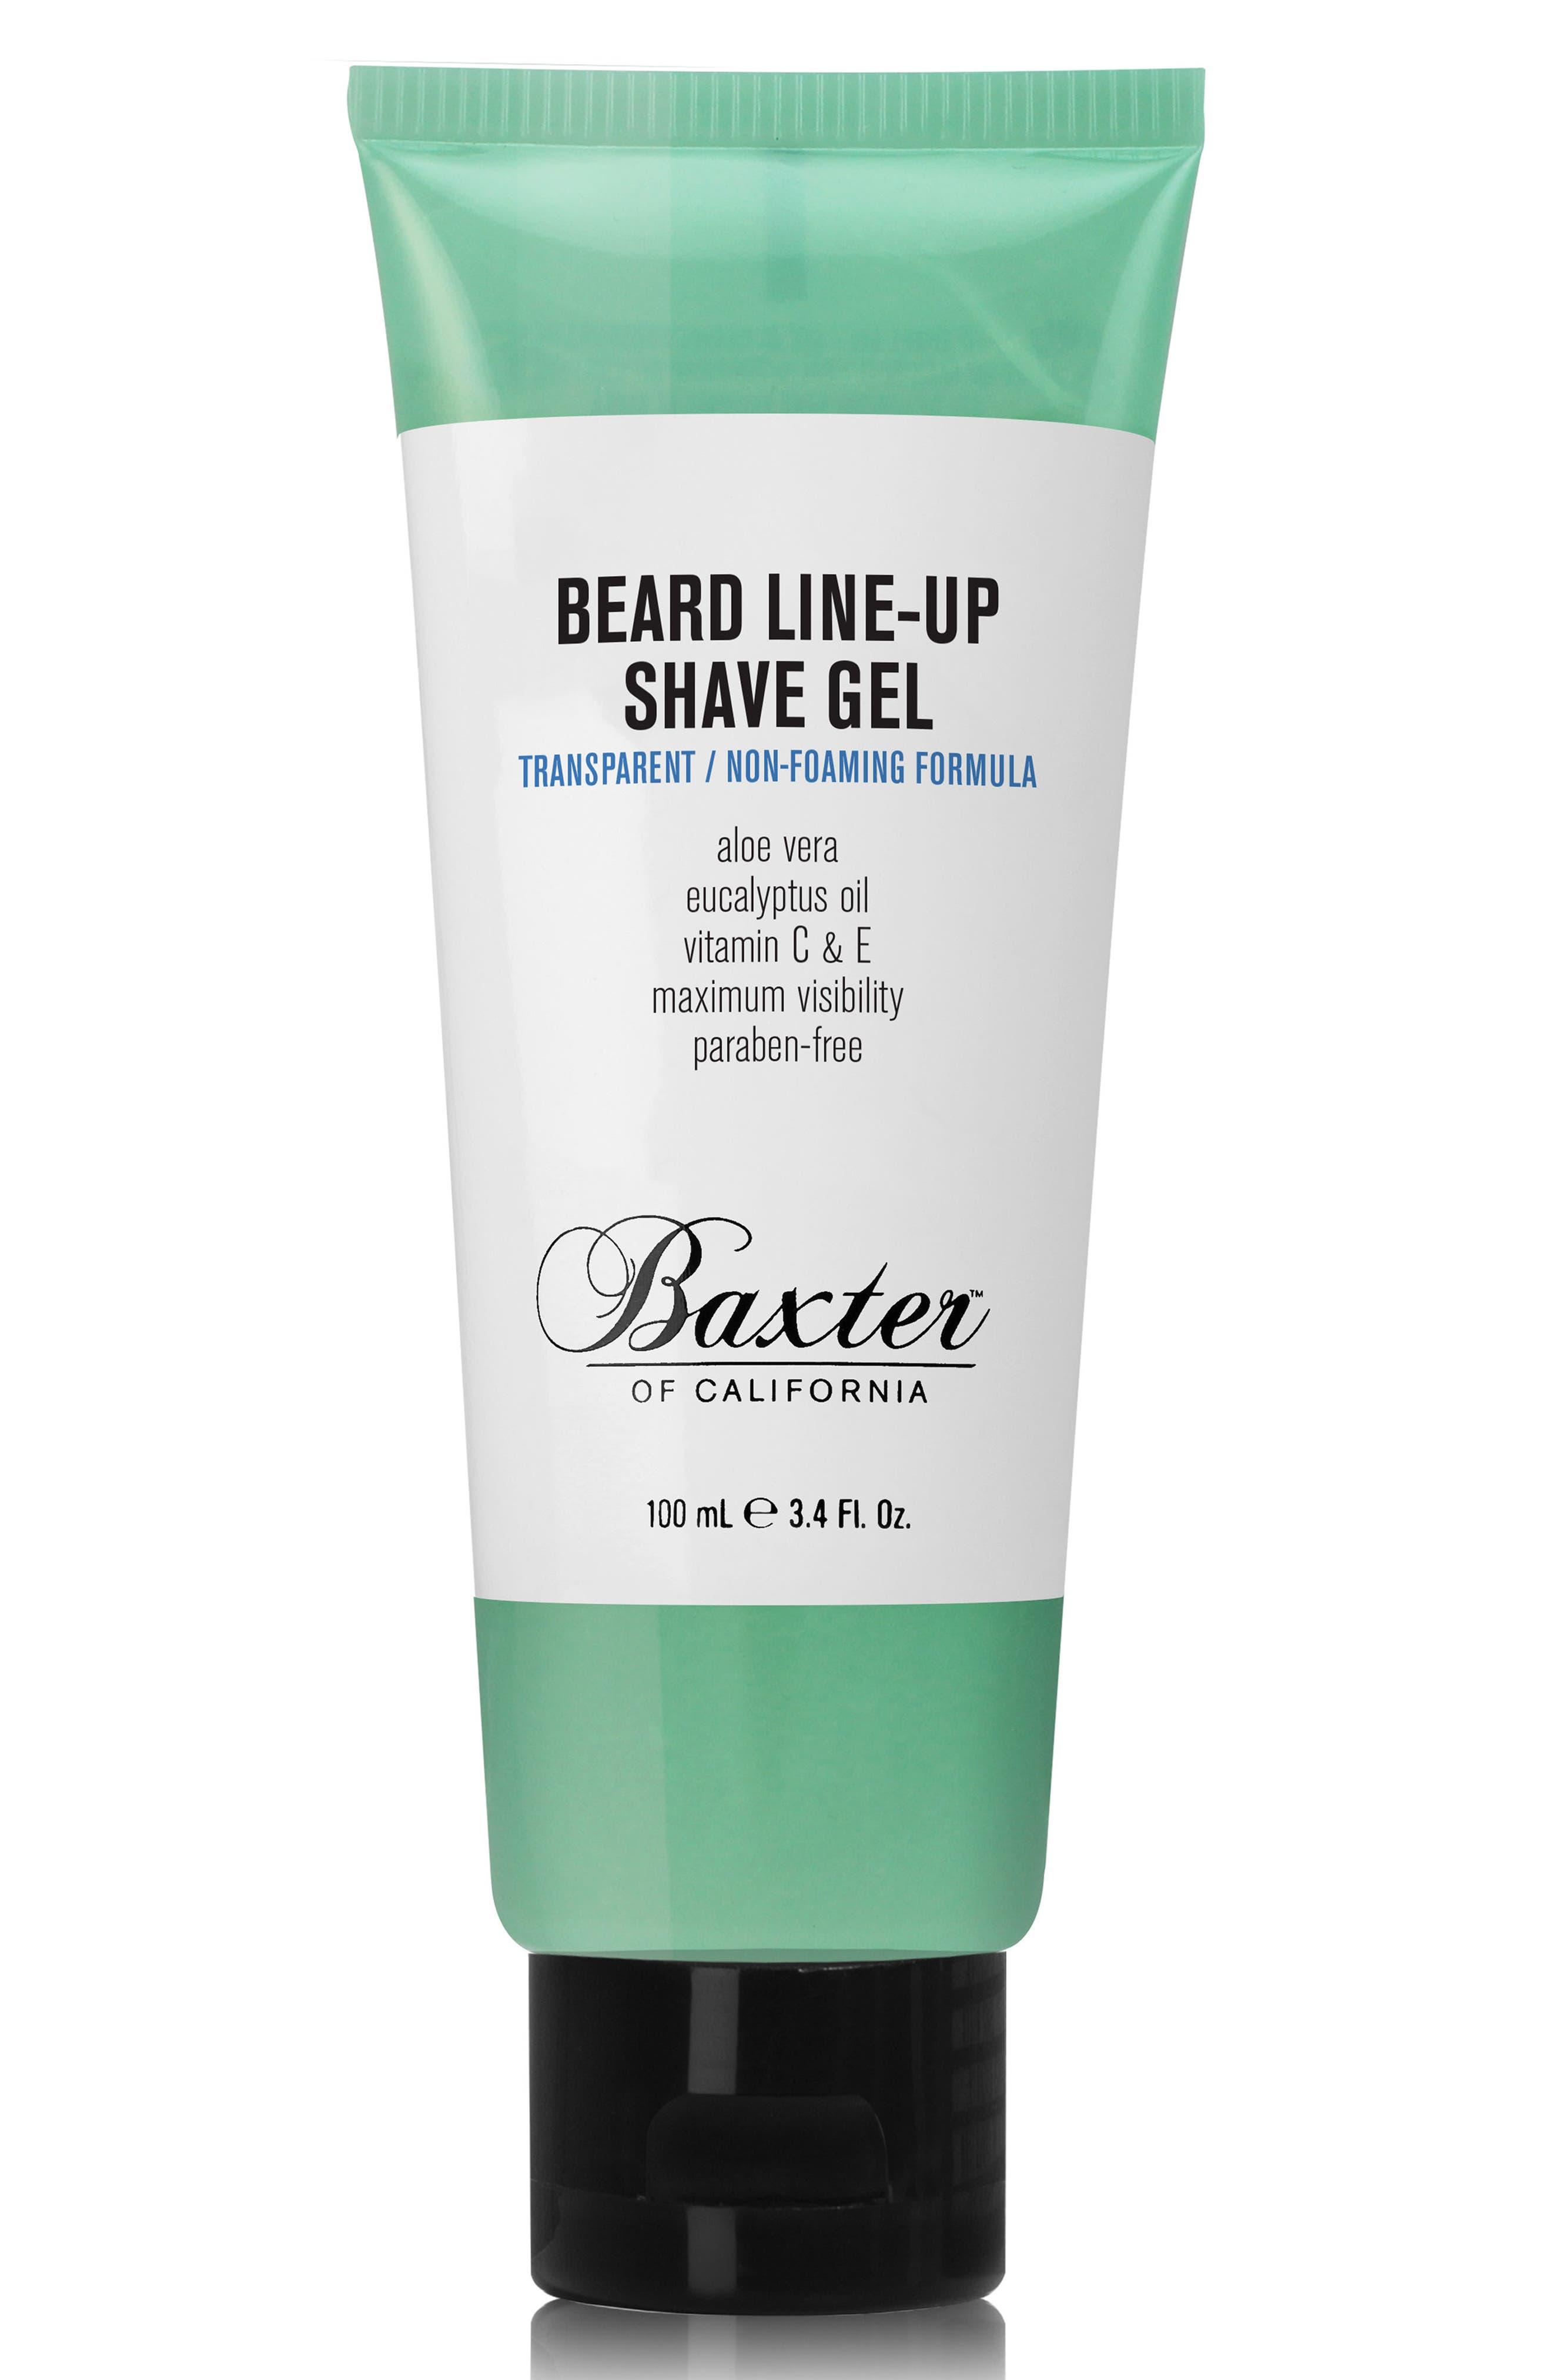 Beard Line-Up Shave Gel